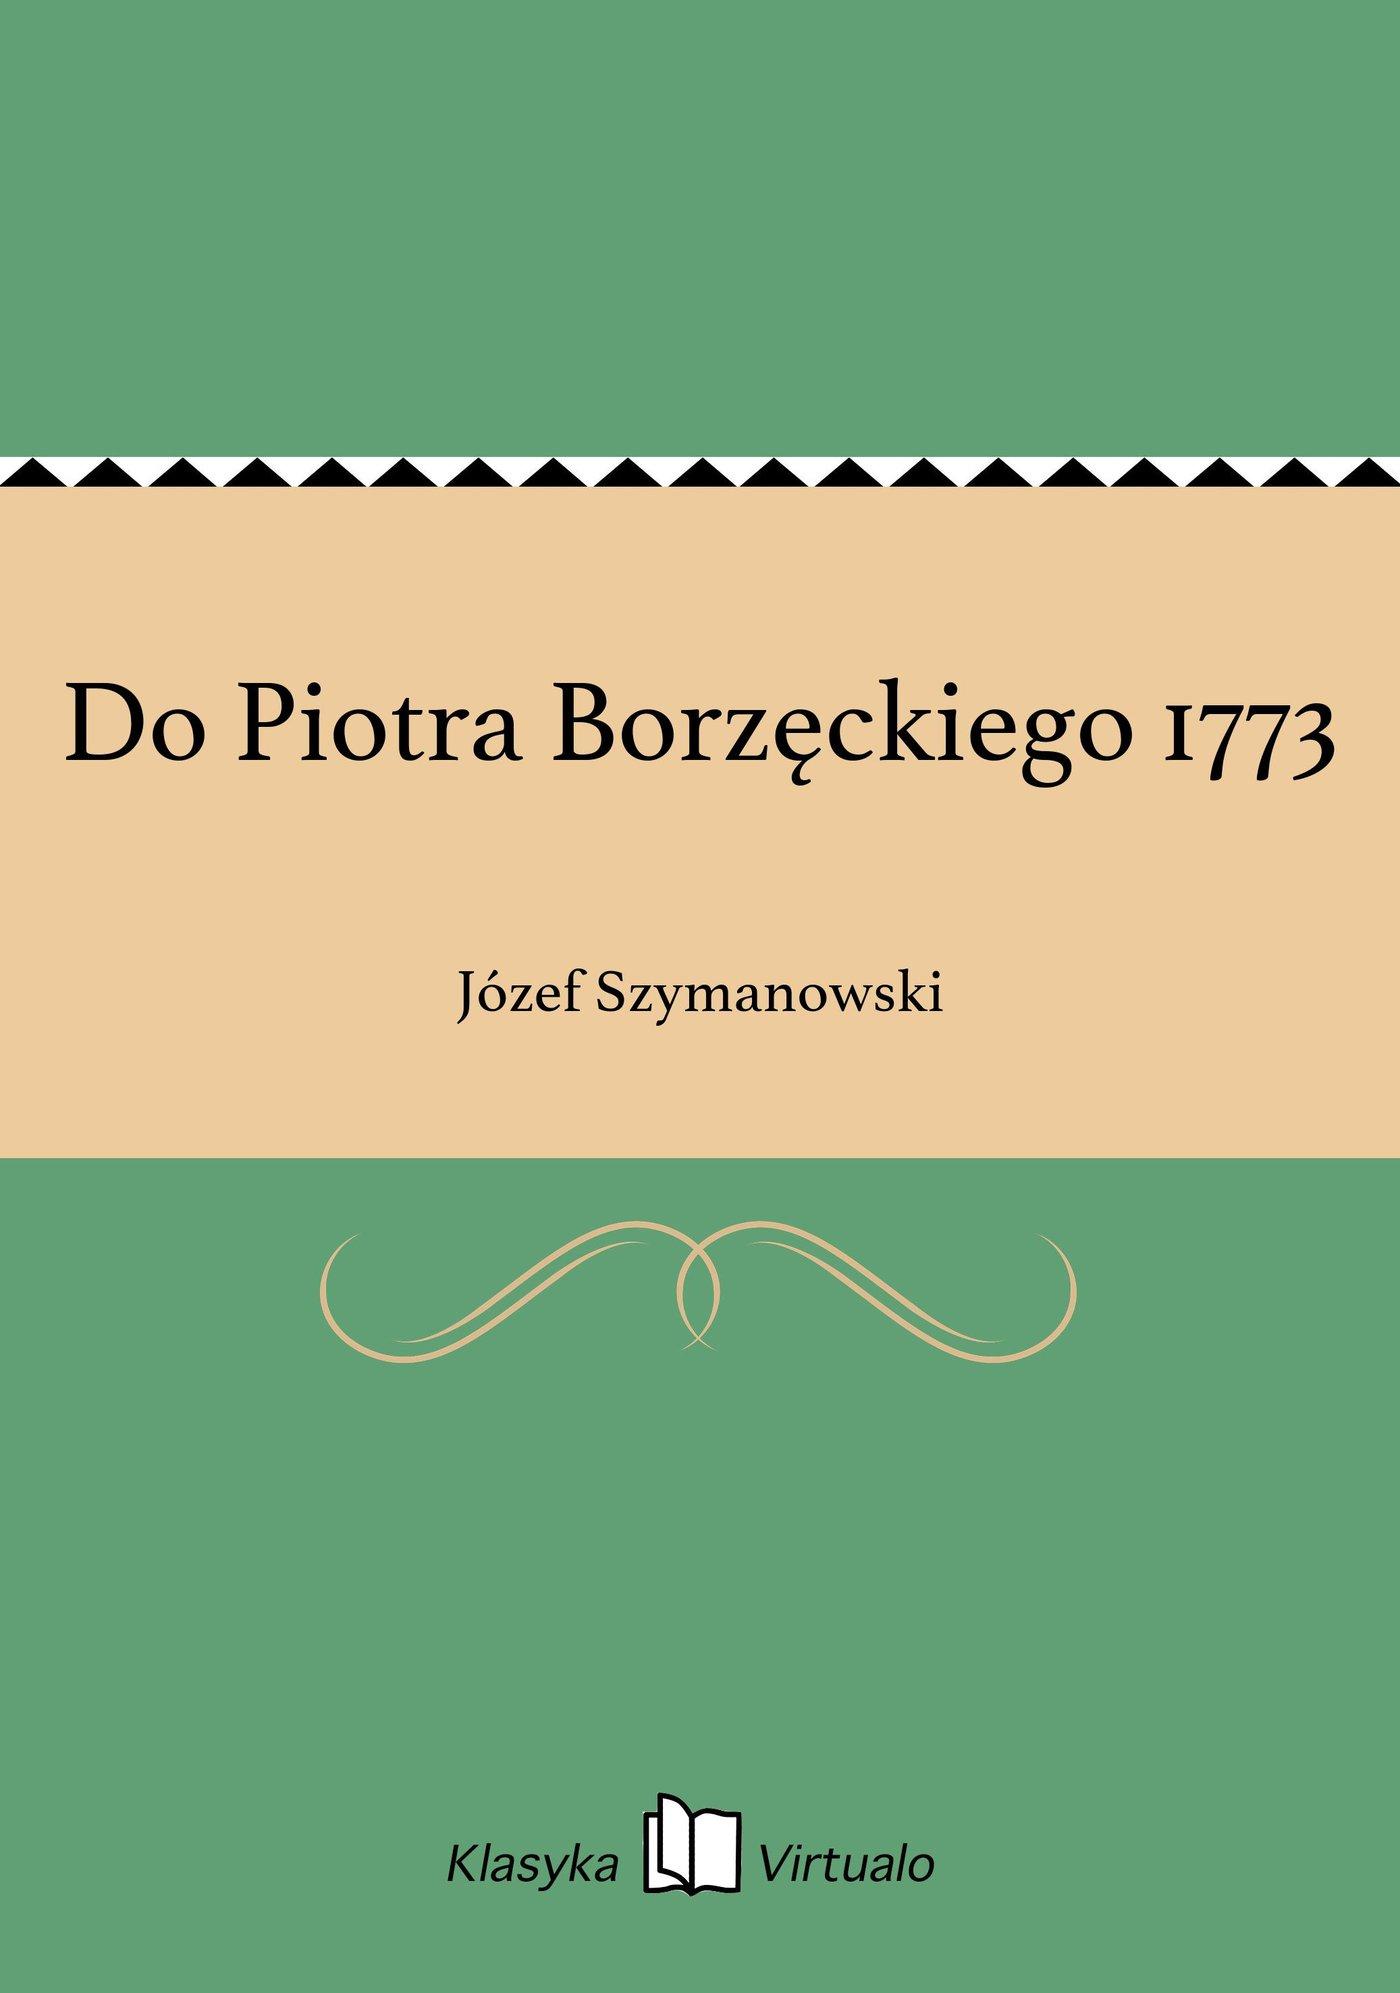 Do Piotra Borzęckiego 1773 - Ebook (Książka EPUB) do pobrania w formacie EPUB